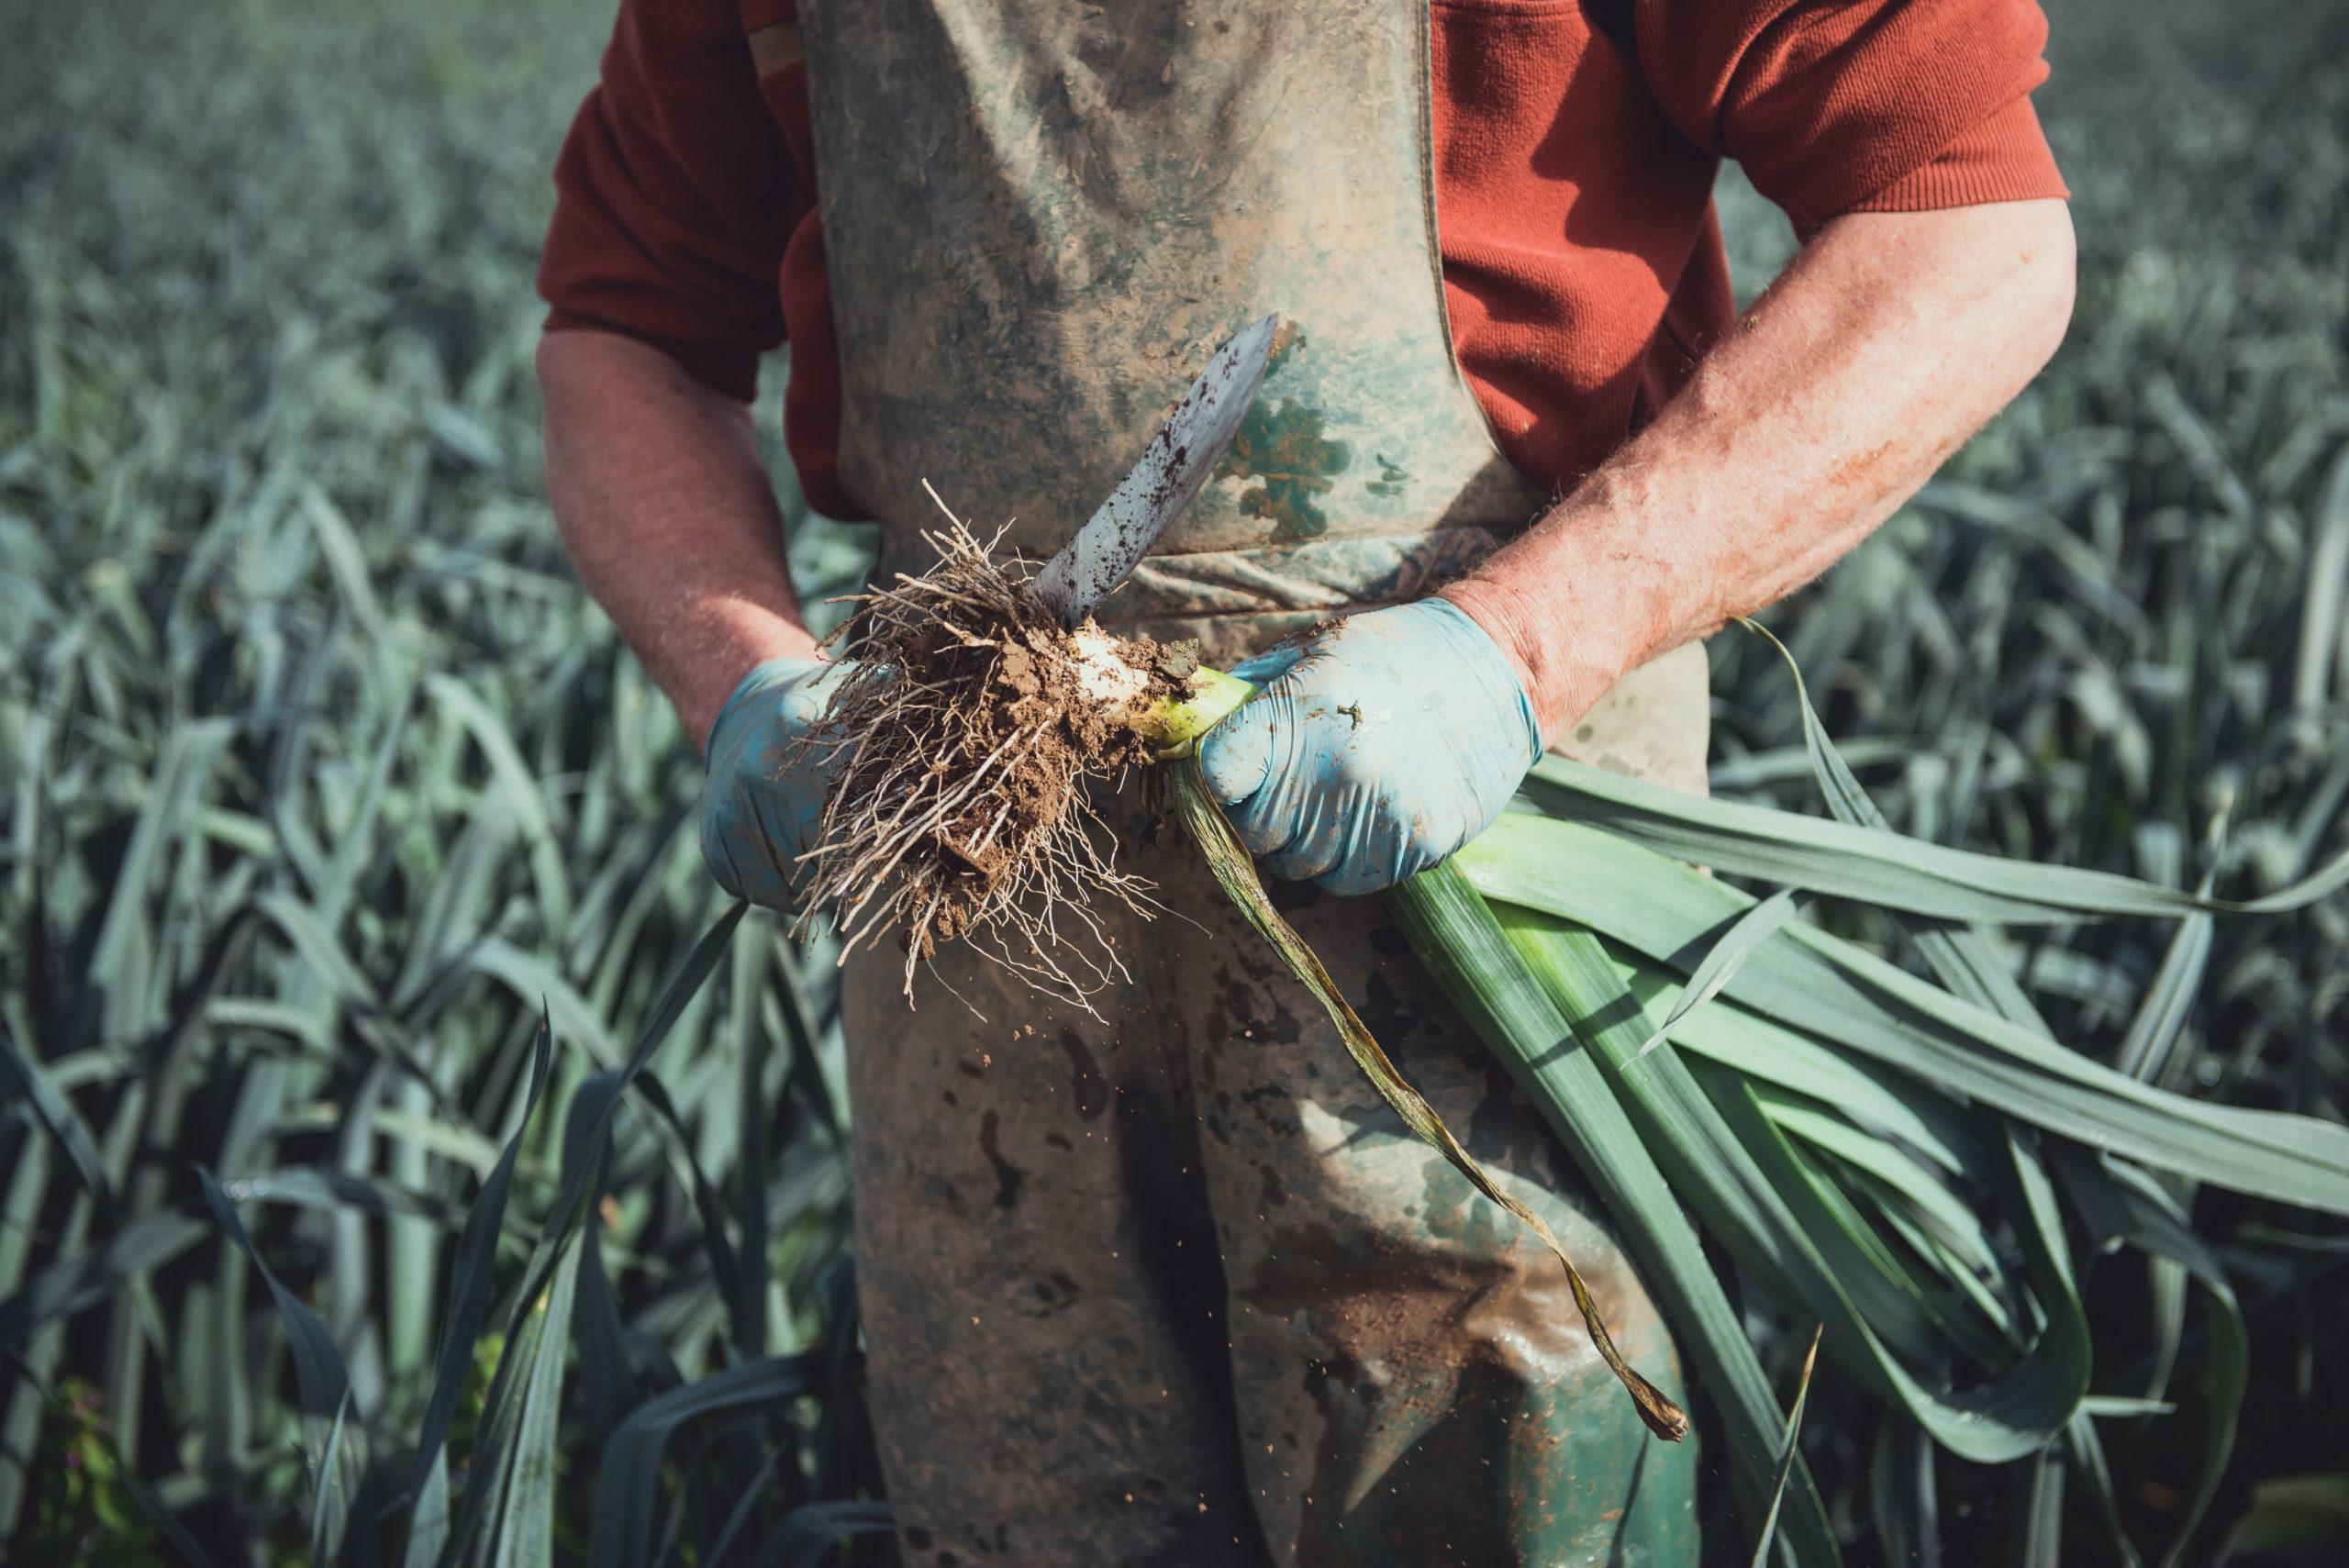 Gavin working in field, snedding leeks